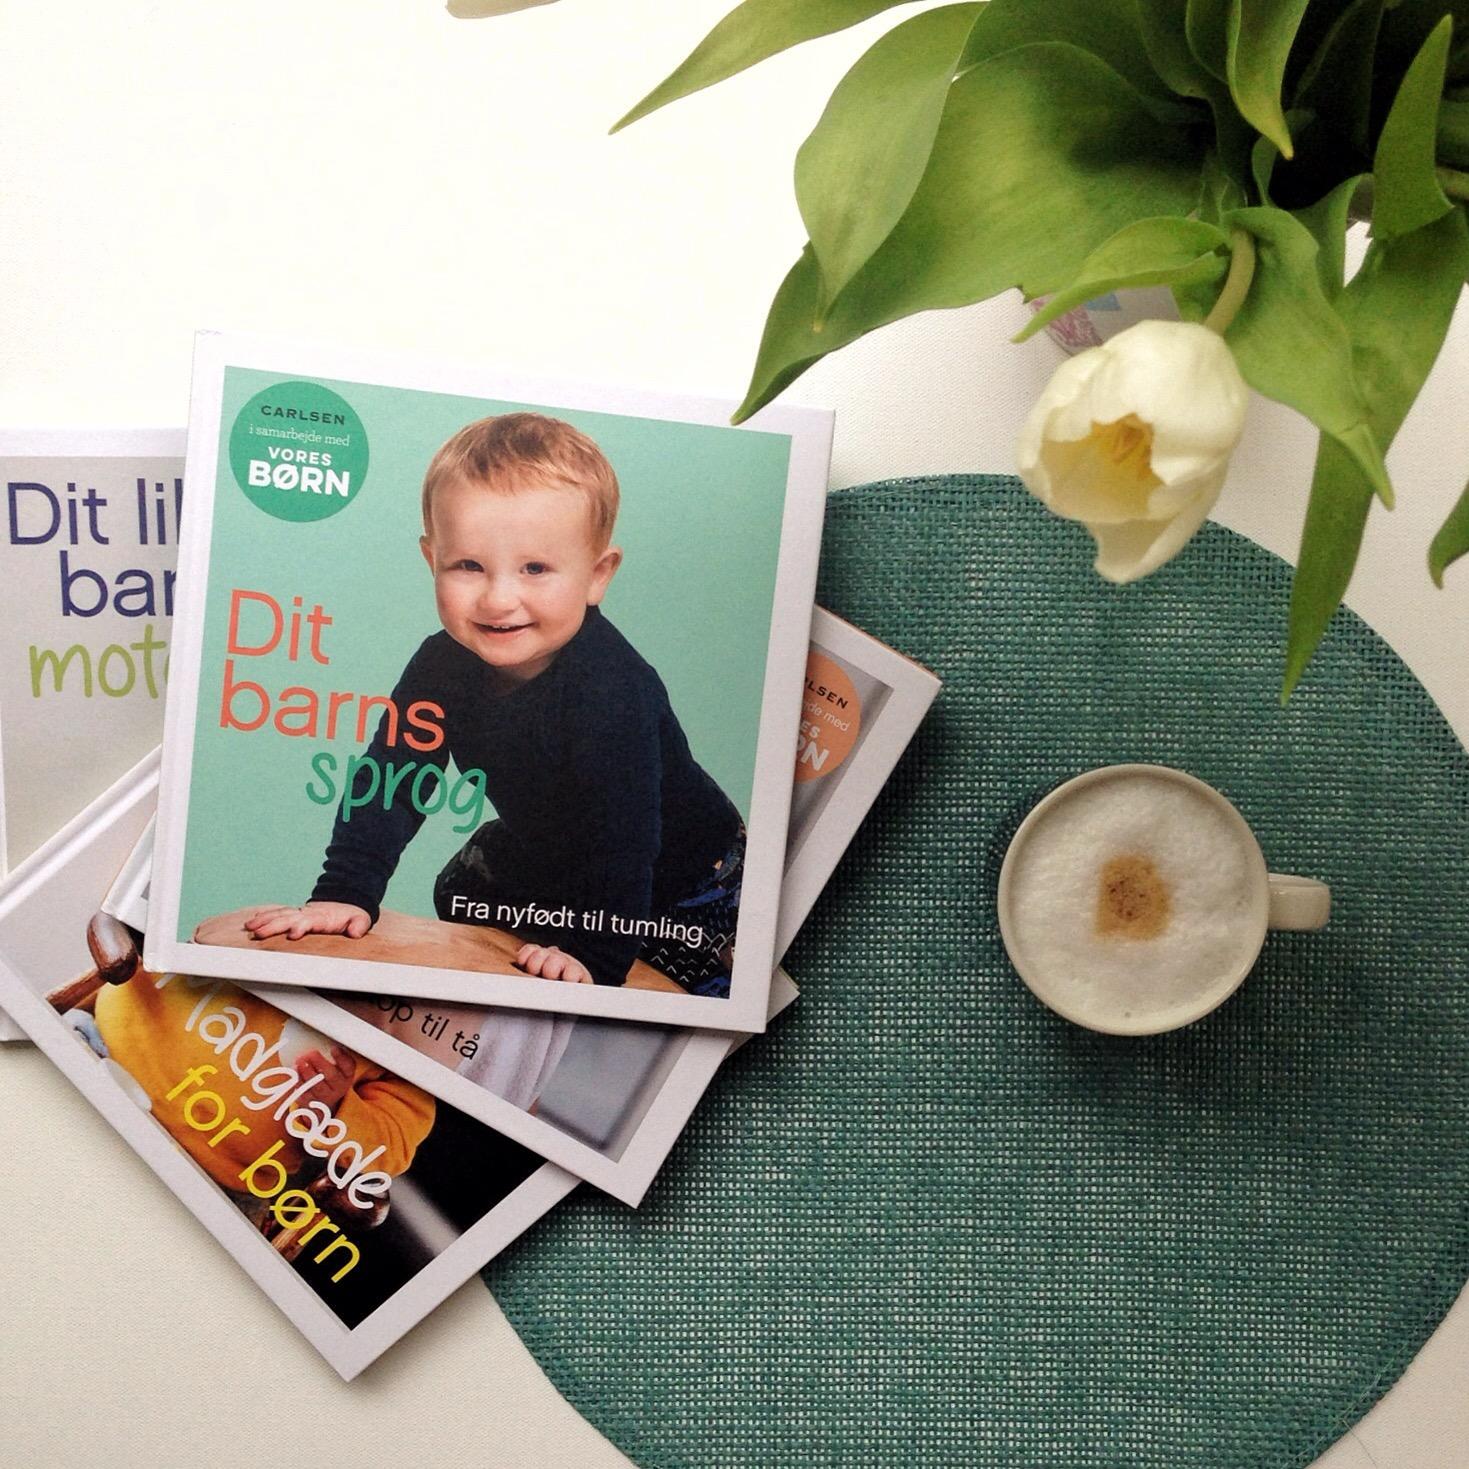 vores børn, babys udvikling, carlsen,  bogoplevelsen